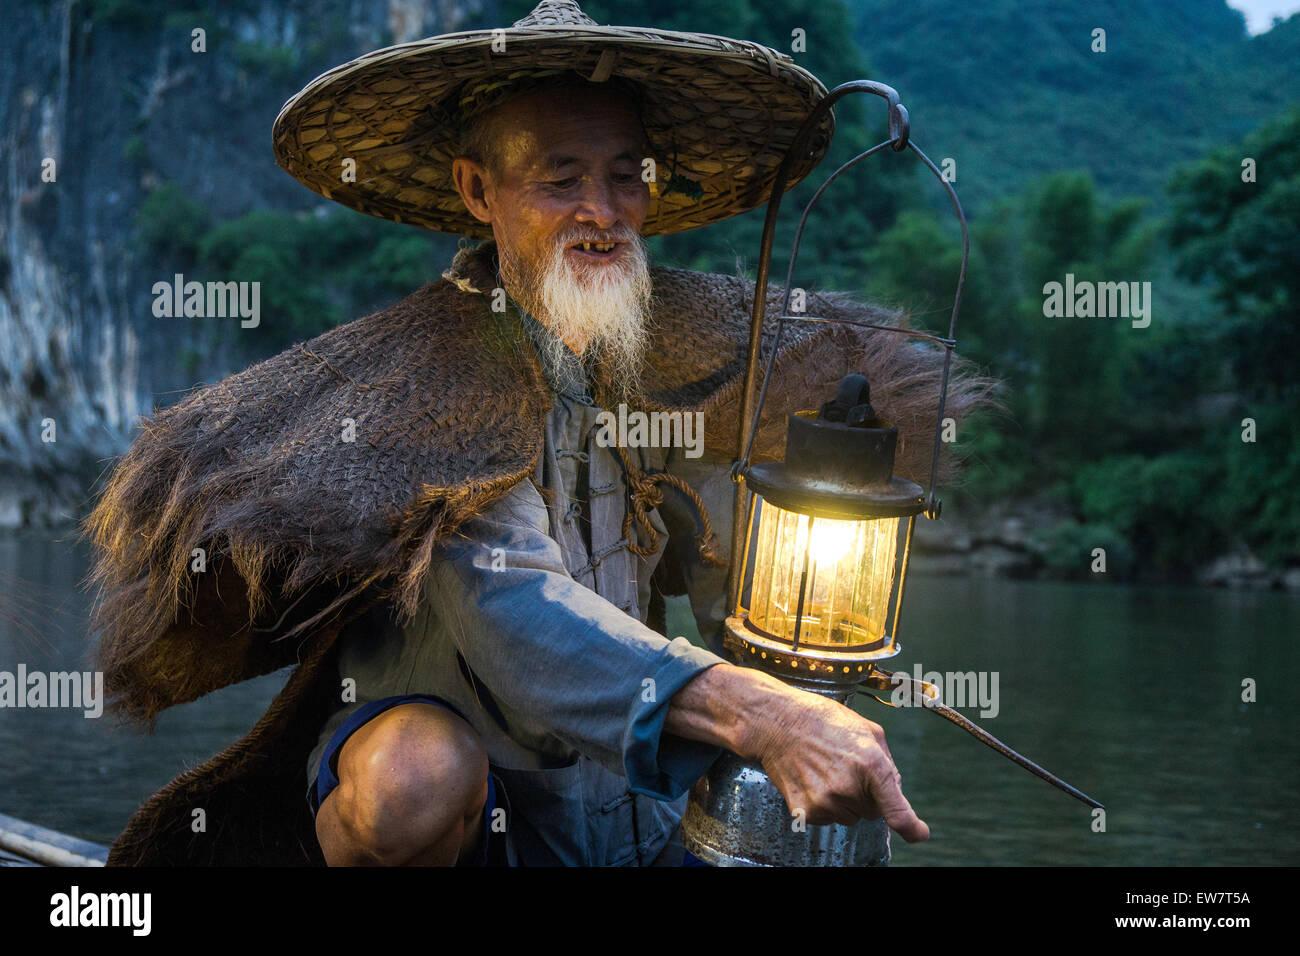 Retrato de un viejo pescador chino con linterna en barco de bambú Imagen De Stock